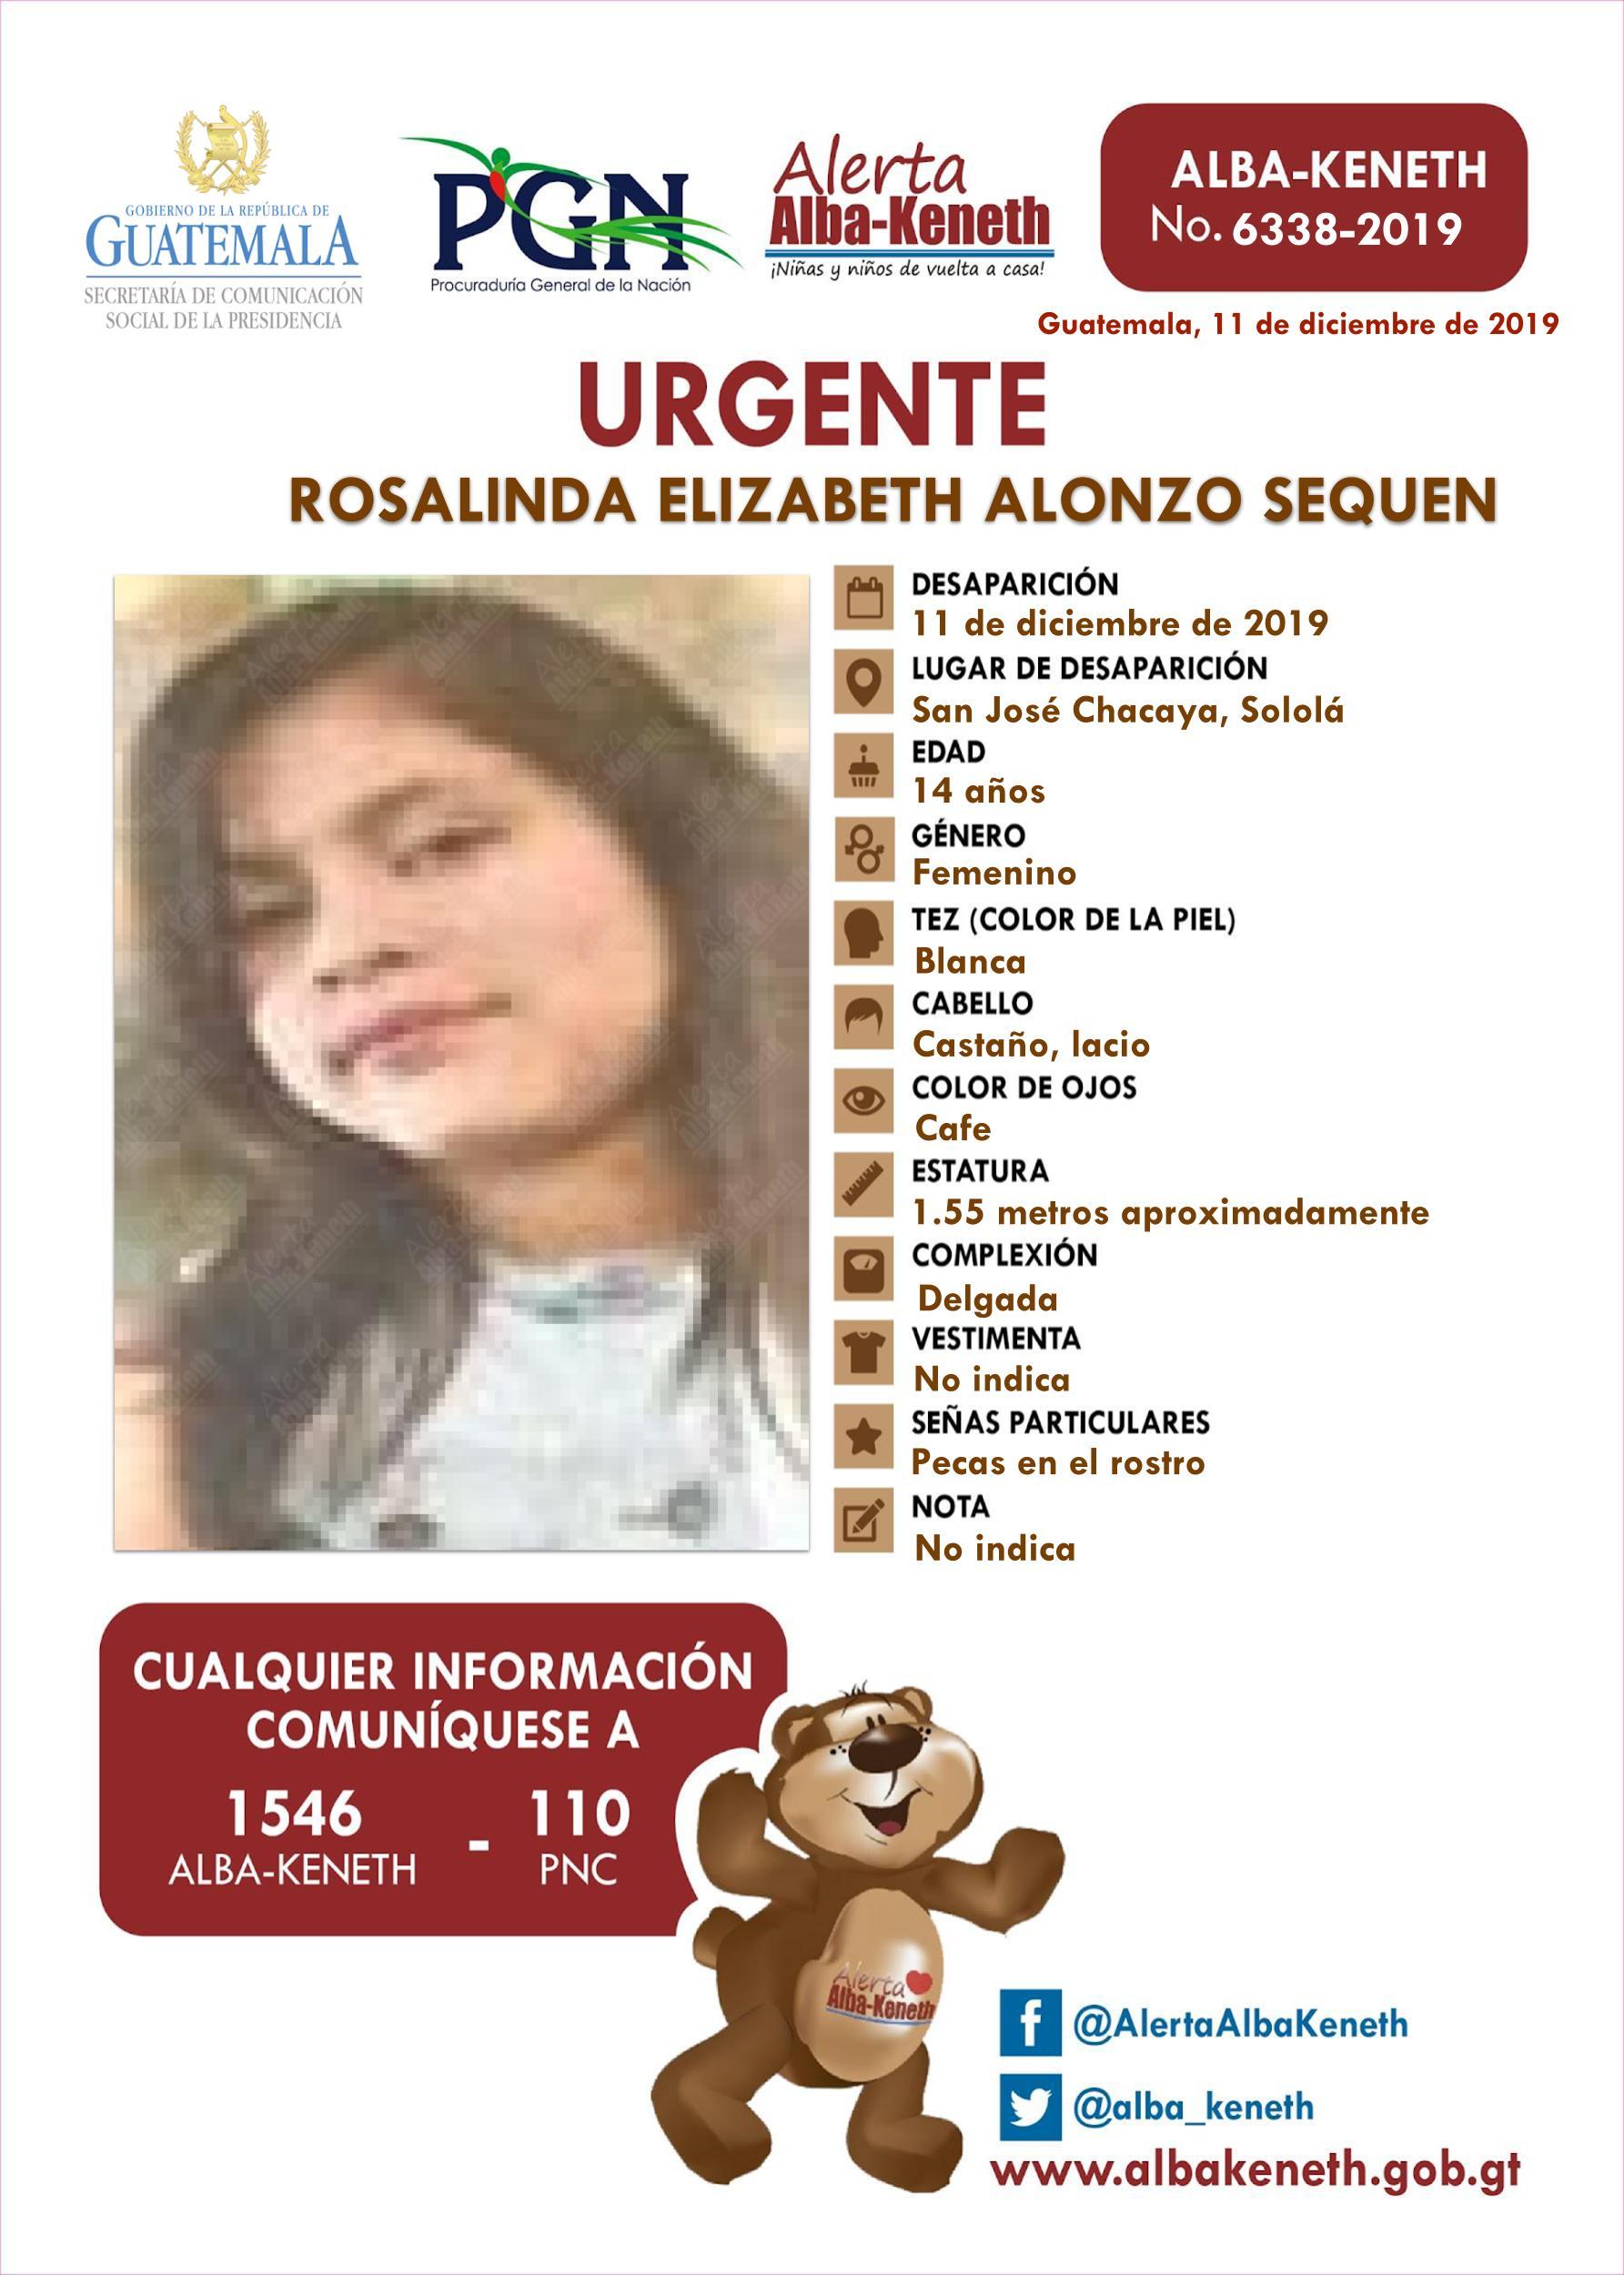 Rosalinda Elizabeth Alonzo Sequen